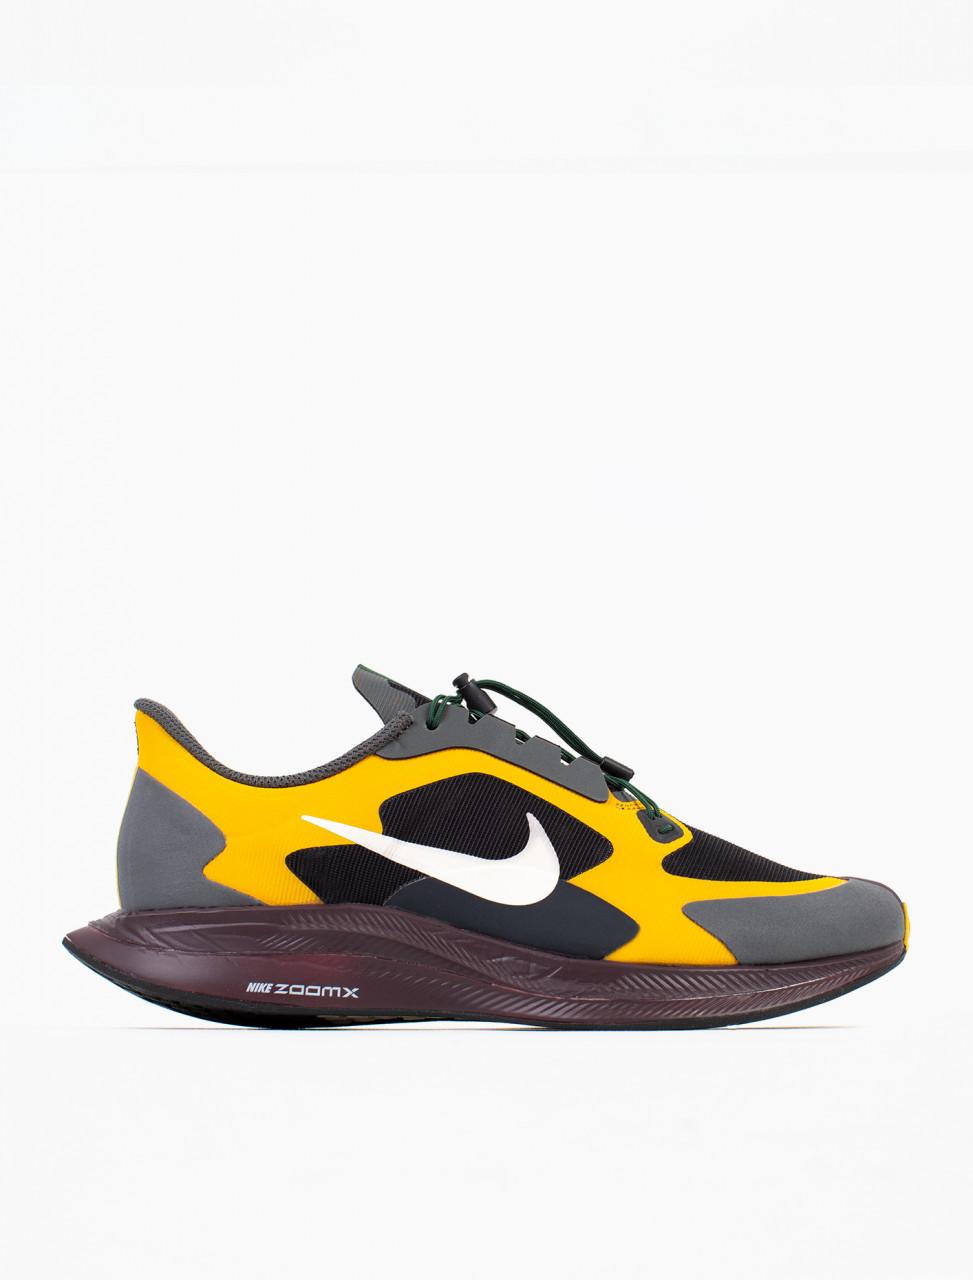 ec48d56f58dc Nike x Gyakusou Zoom Pegasus 35 Turbo Sneaker